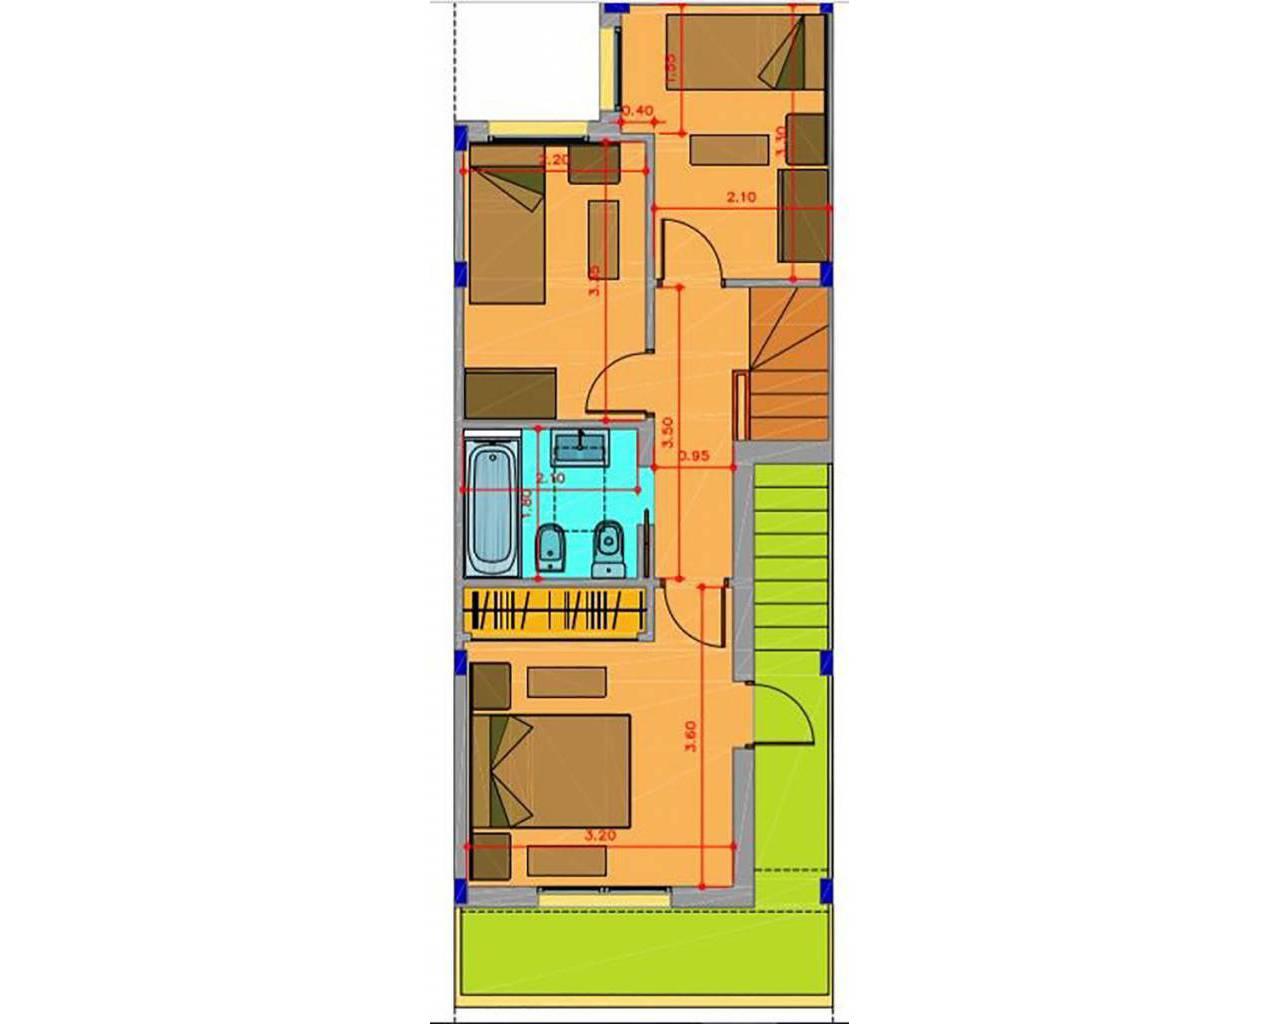 nieuwbouw-geschakelde-woning-duplex-torrevieja-los-balcones_5346_xl